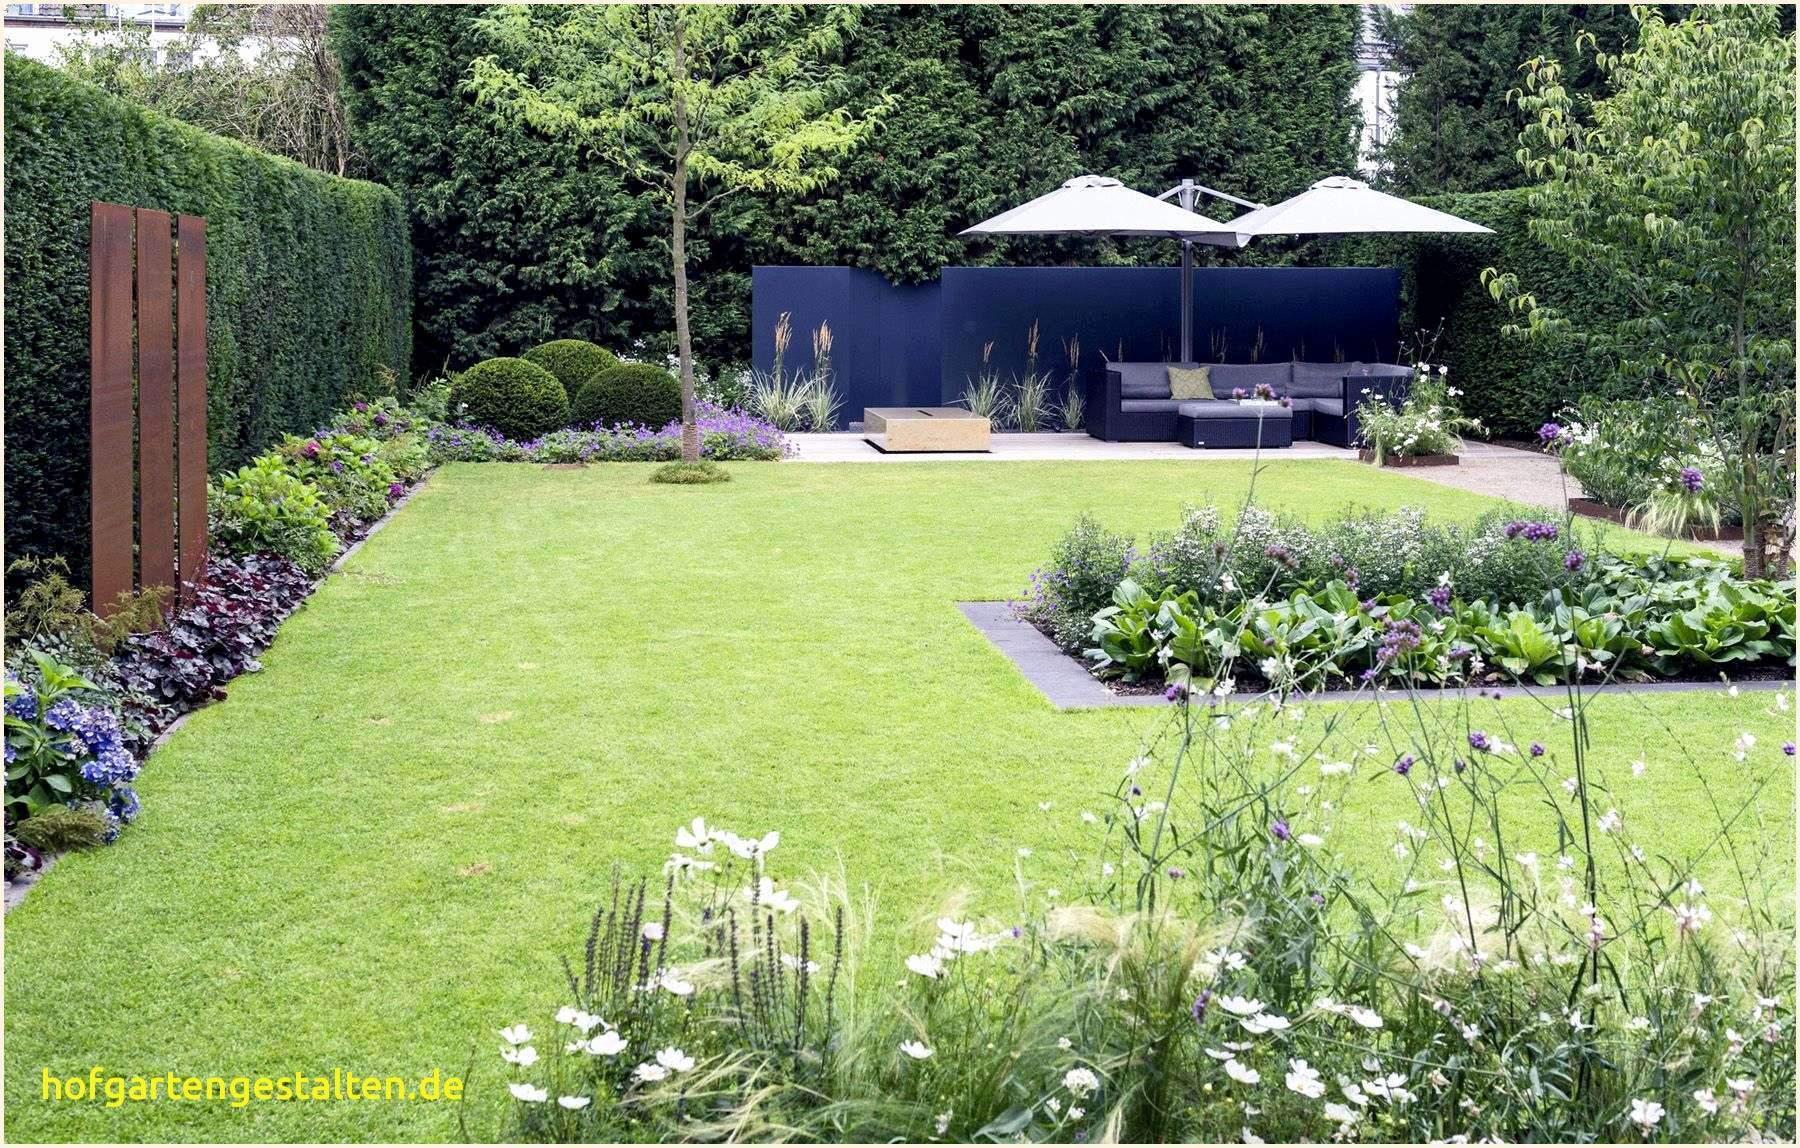 Palettenregal Garten Luxus 29 Das Beste Von Palettenregal Garten Elegant